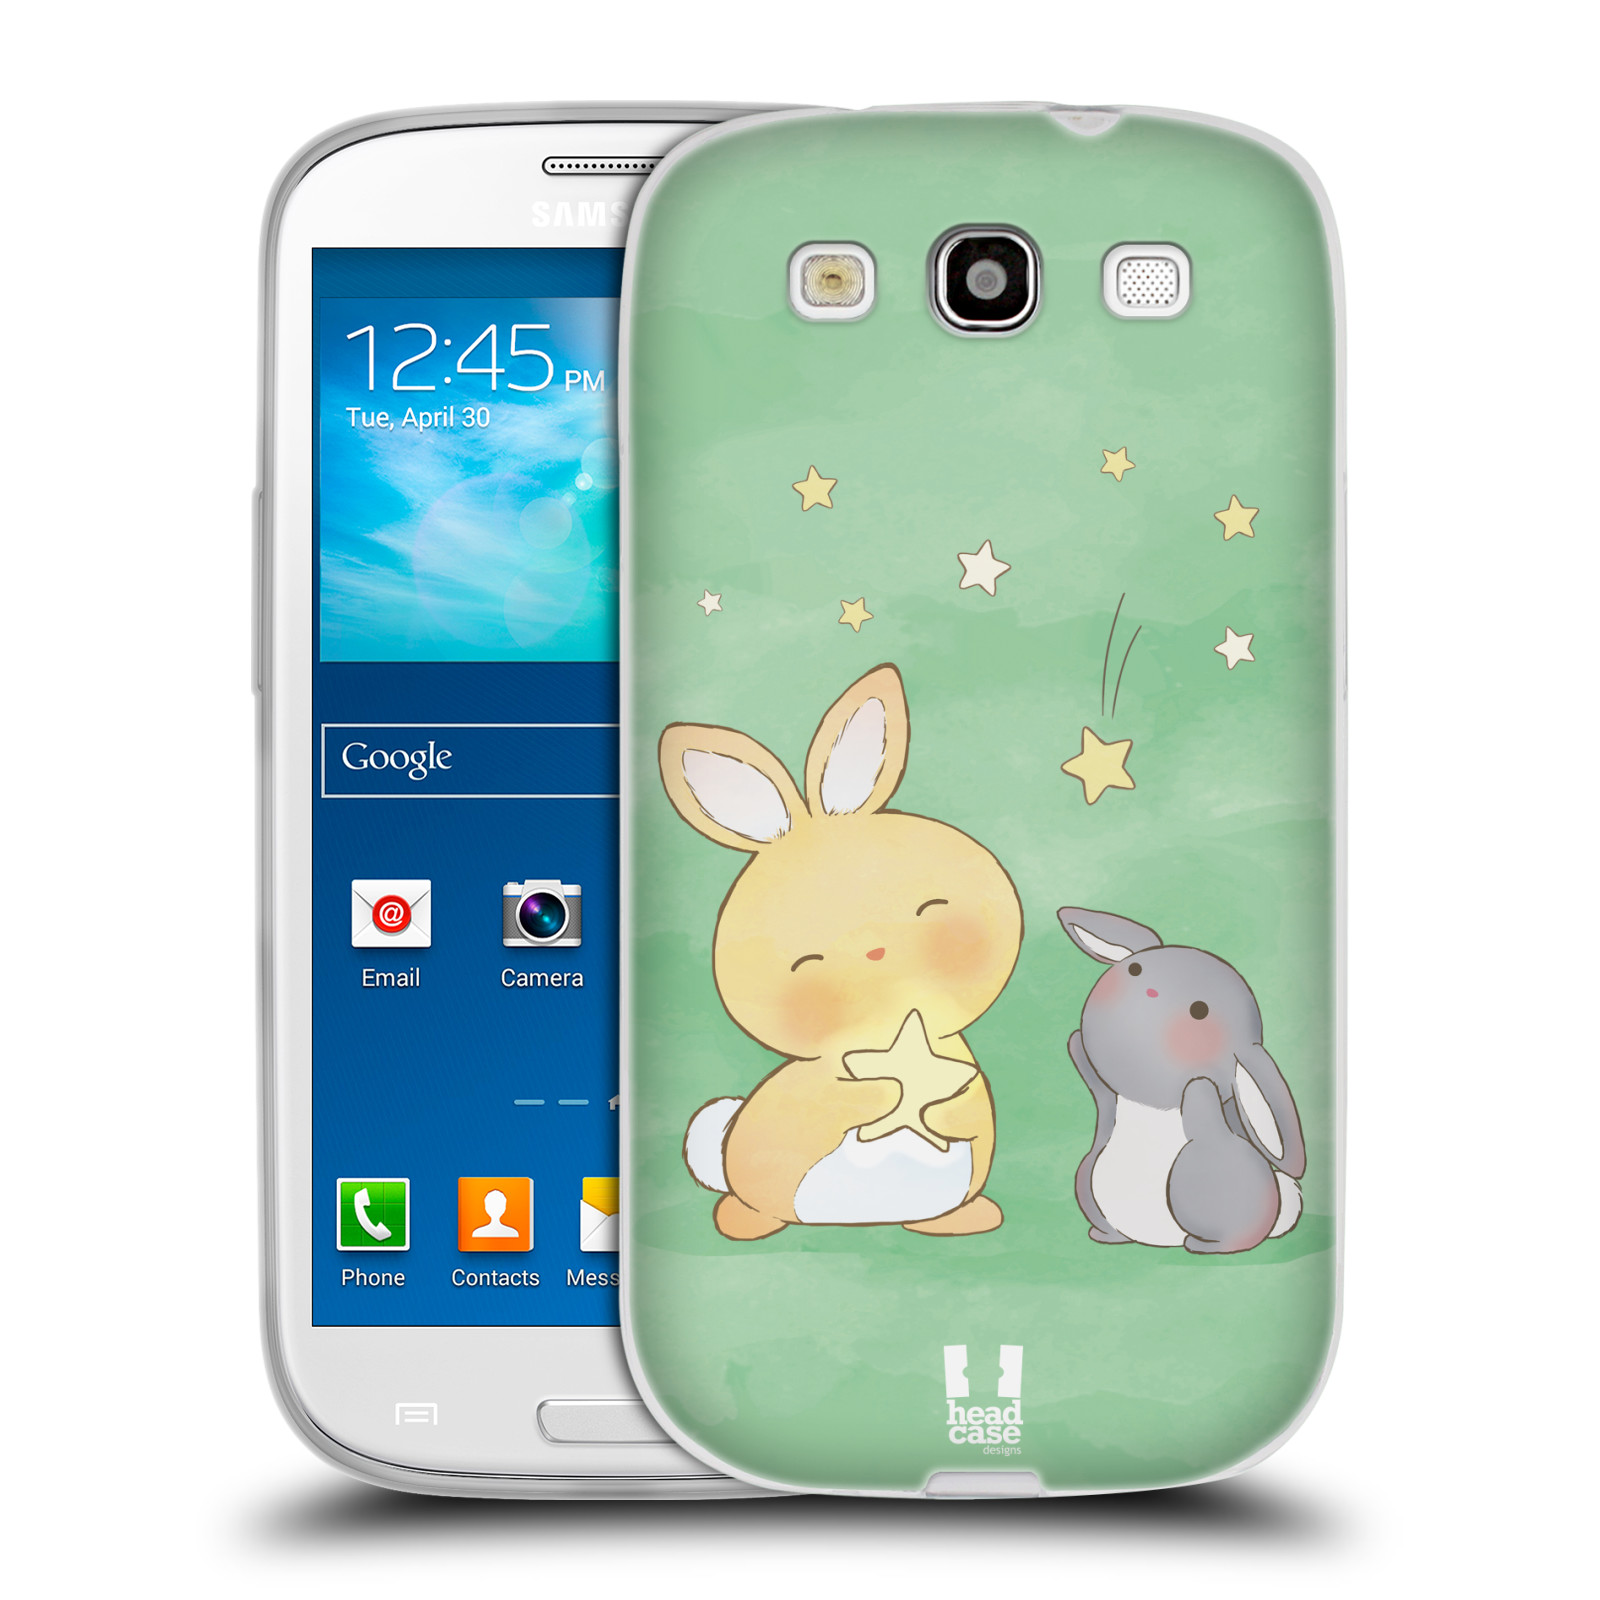 HEAD CASE silikonový obal na mobil Samsung Galaxy S3 i9300 vzor králíček a hvězdy zelená